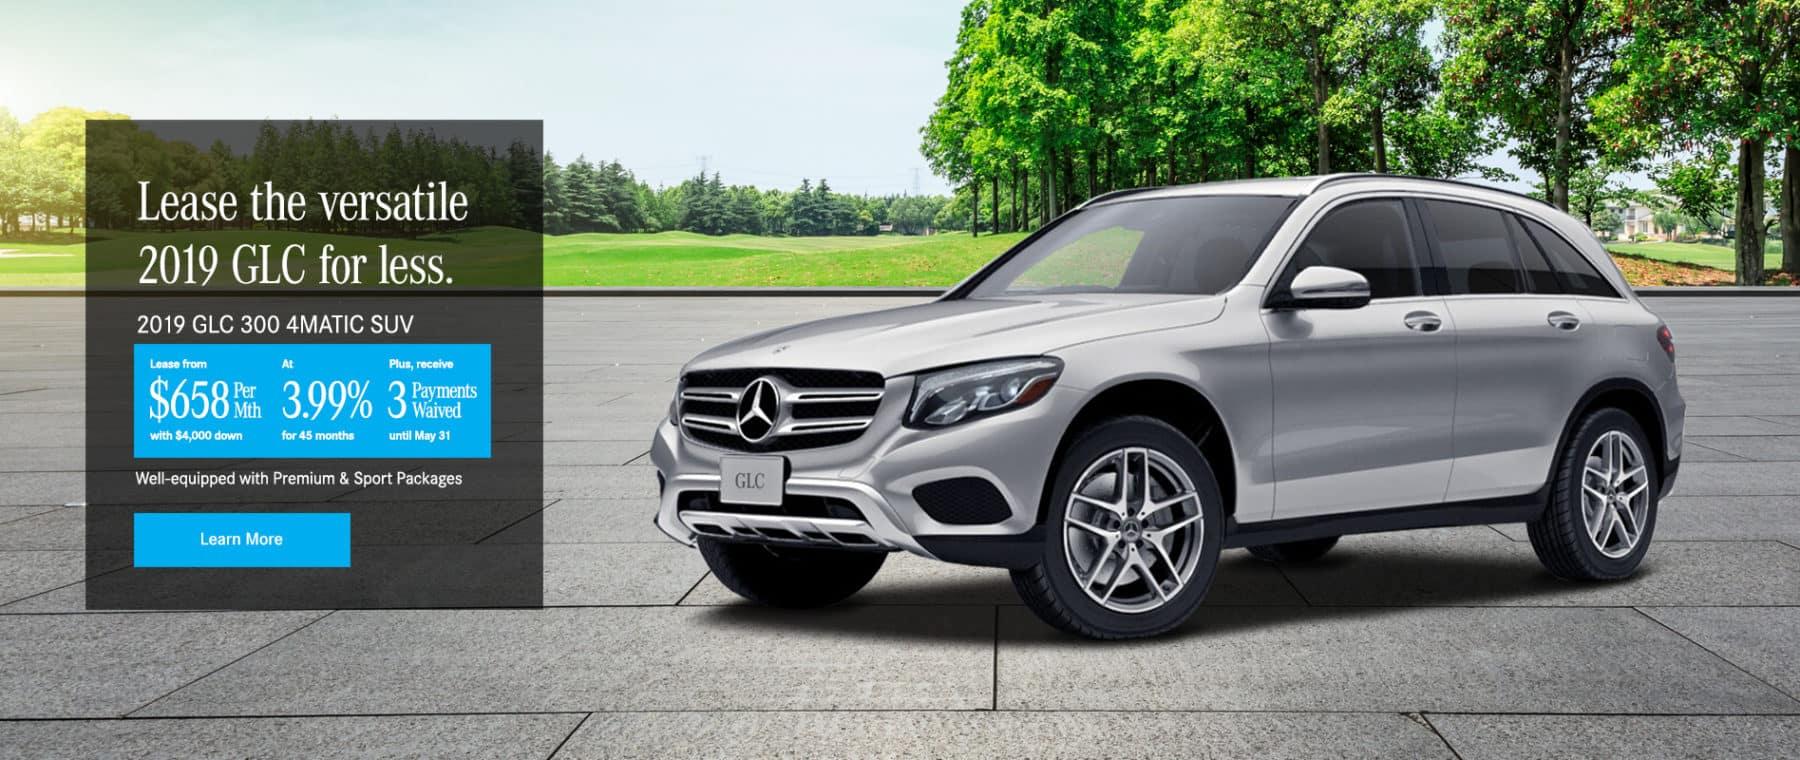 1920x800_HP-SLIDER_05-2019_NC-2019-GLC-300-SUV-enhanced_2